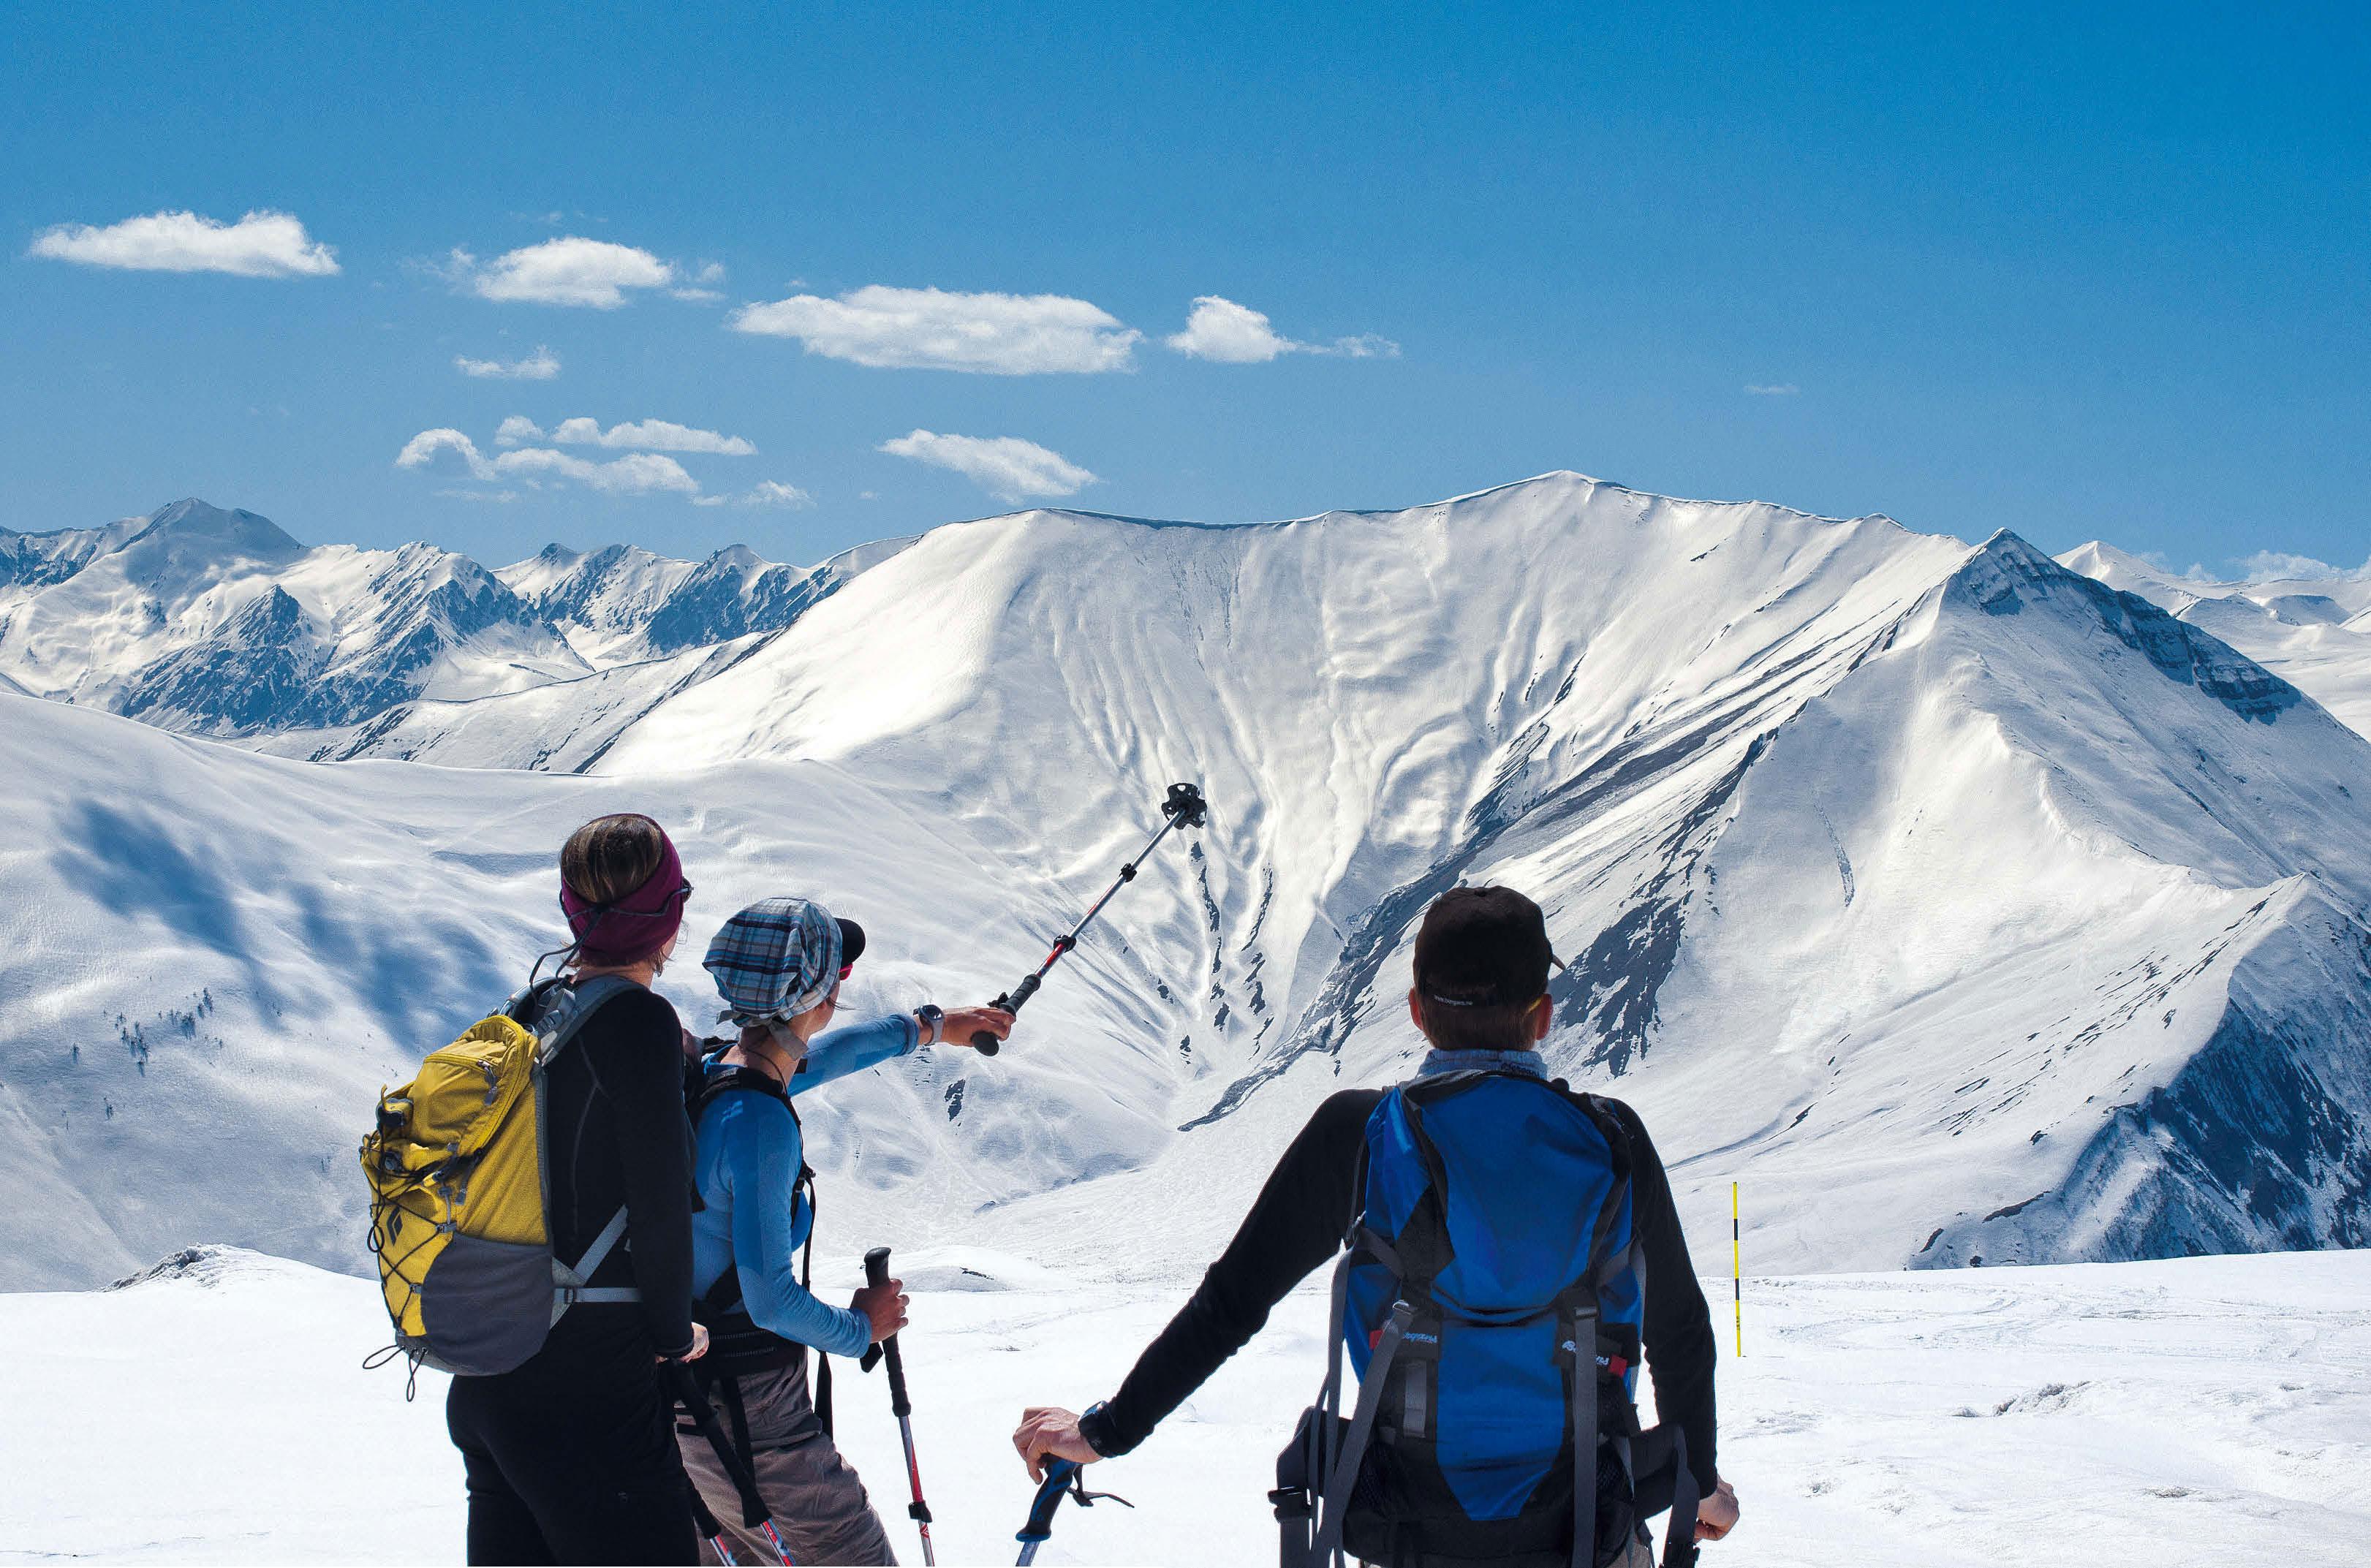 Am Balkon der Kontinente - Skitour im Kaukasus